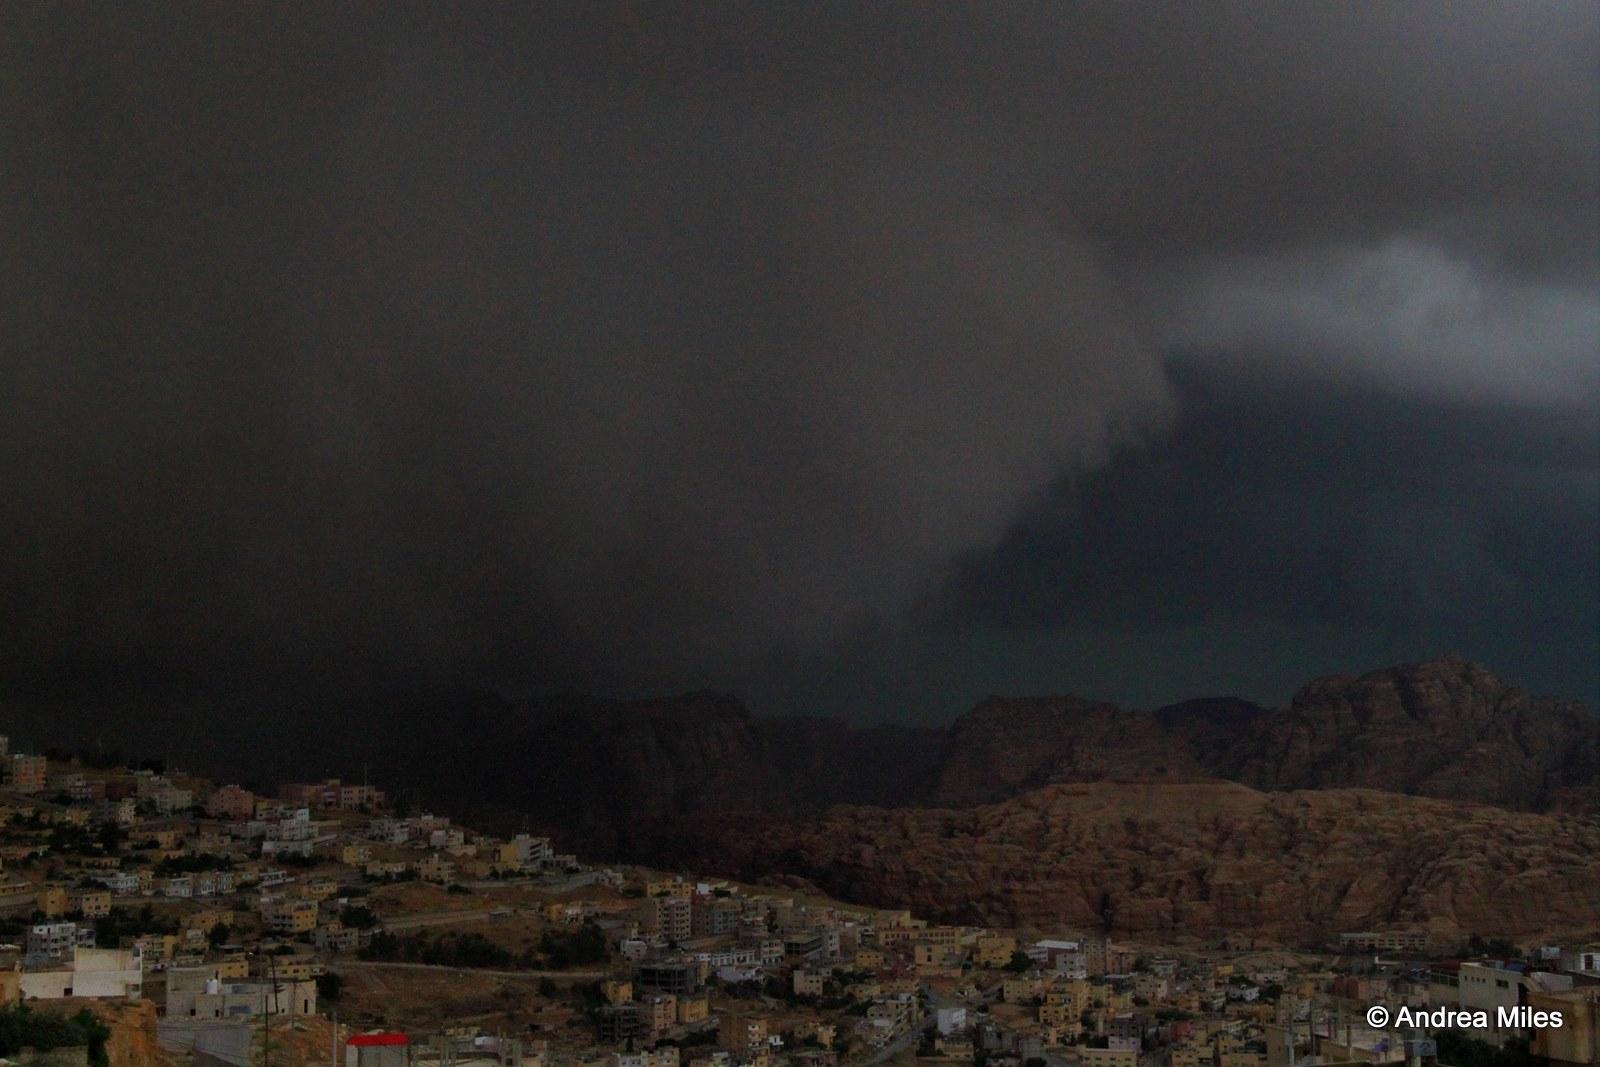 ظلام دامس جراء السحب القوية